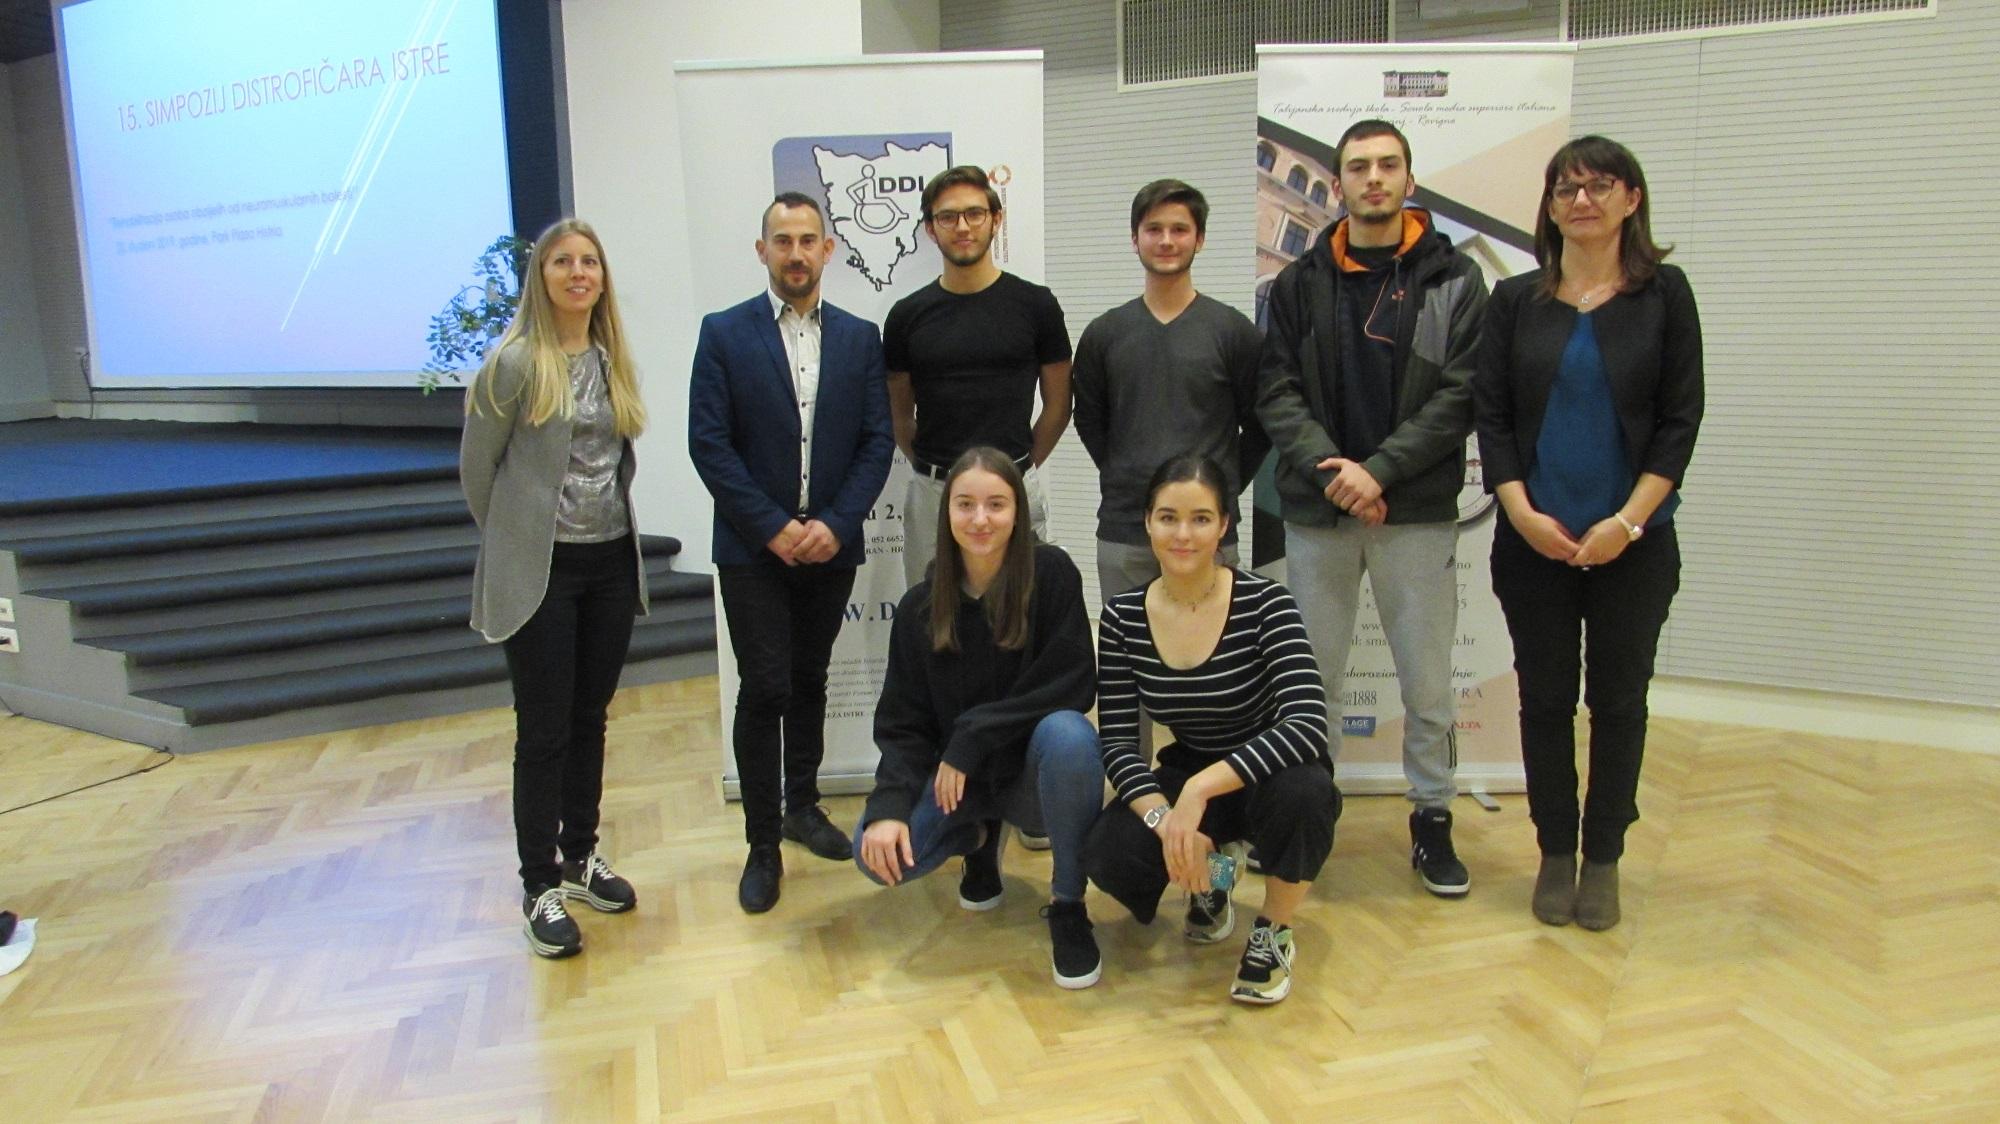 Gli alunni della SMSI hanno partecipato al Convegno dei distrofici a Pola